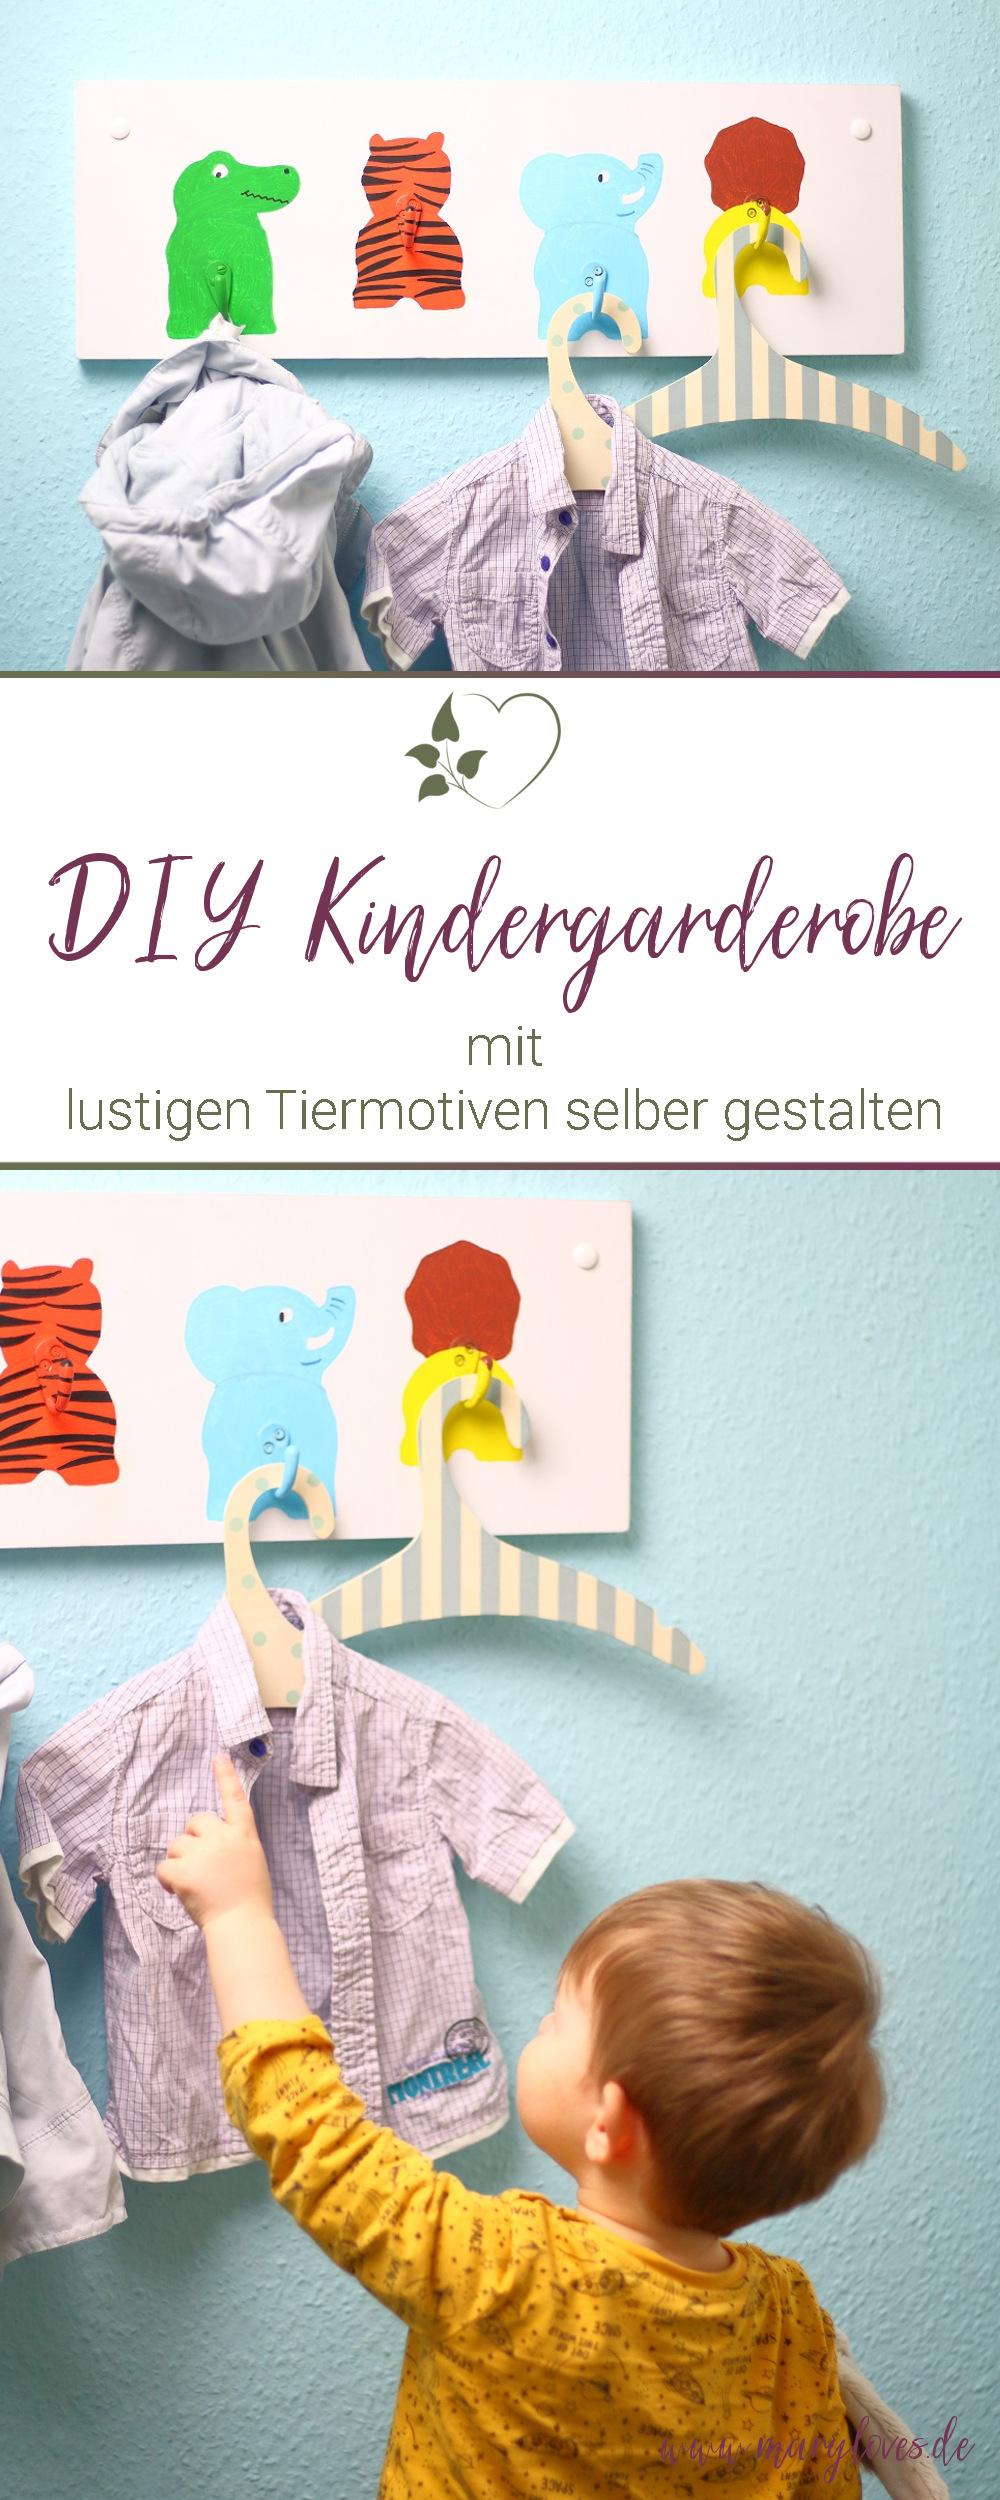 DIY Kindergarderobe mit lustigen Tiermotiven - #diygarderobe #diykindergarderobe #kindergarderobe #kinderzimmer #kinderzimmerdeko #kinderzimmerdiy